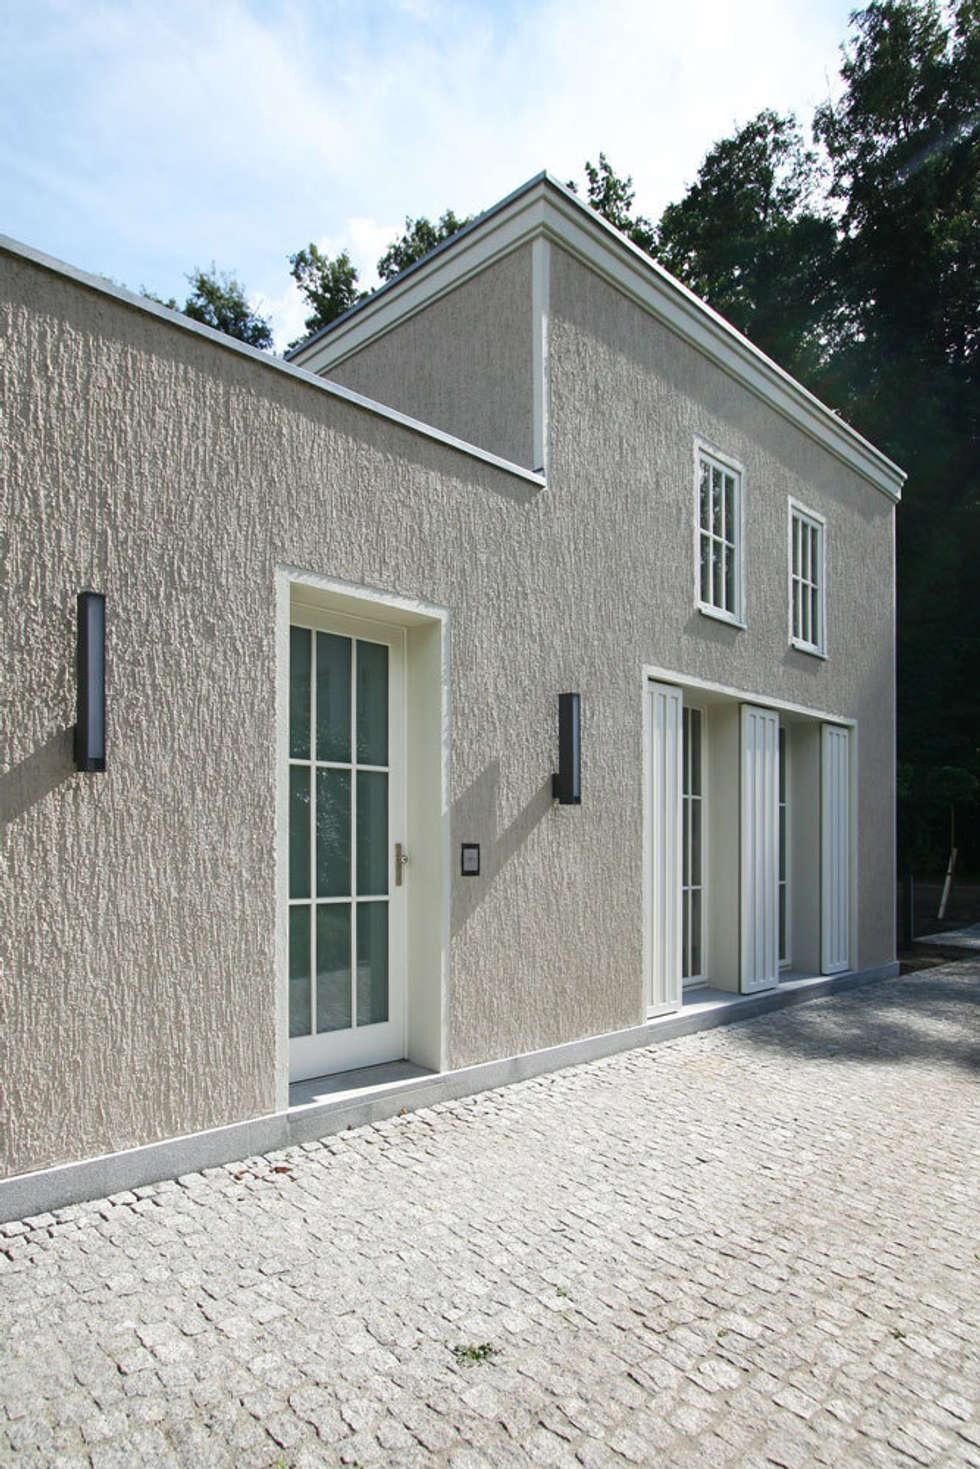 Natürlich im Grünen! - Landhaus im Spreewald: landhausstil Häuser von CG VOGEL ARCHITEKTEN